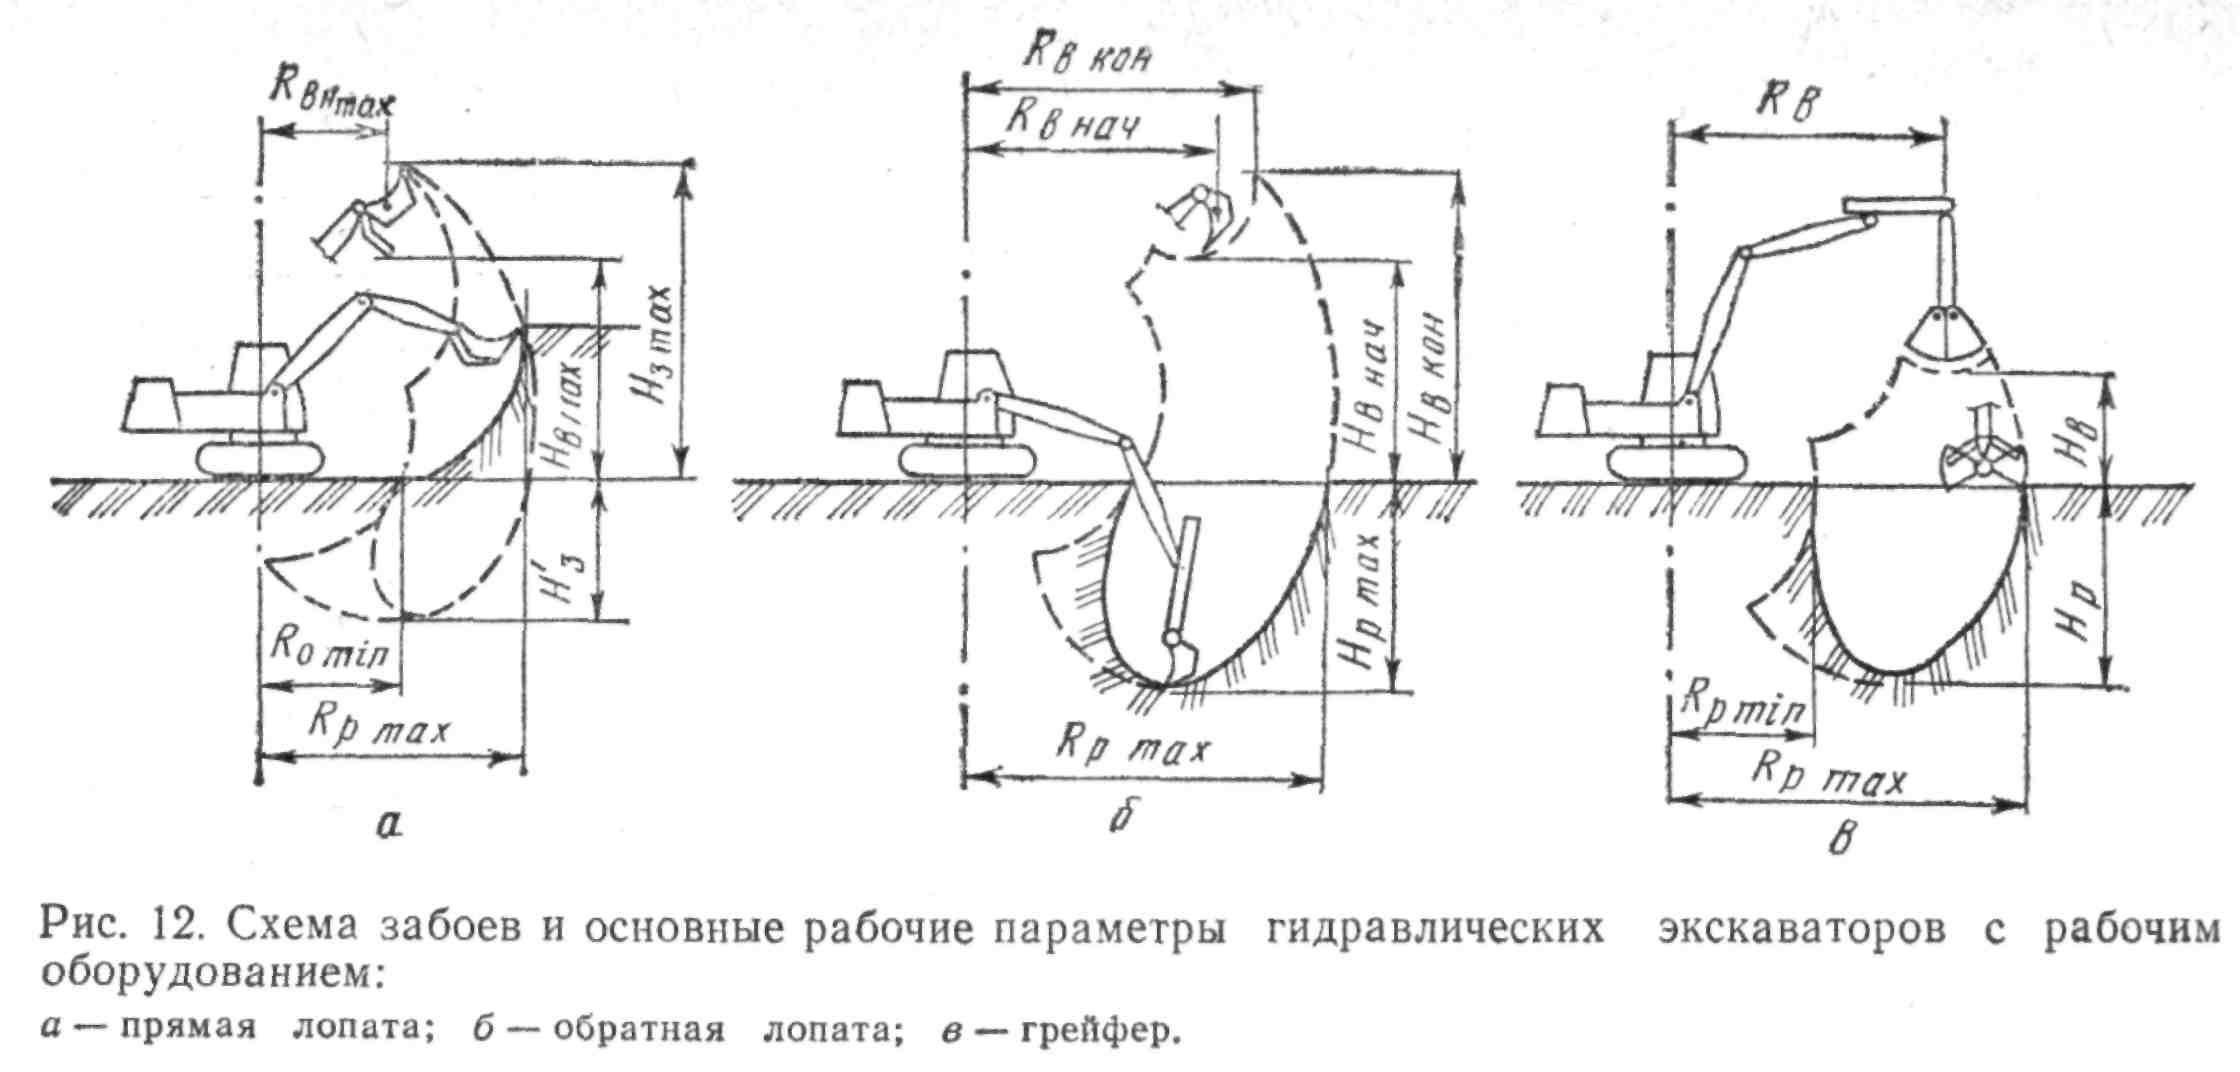 Схема устройства грунтов